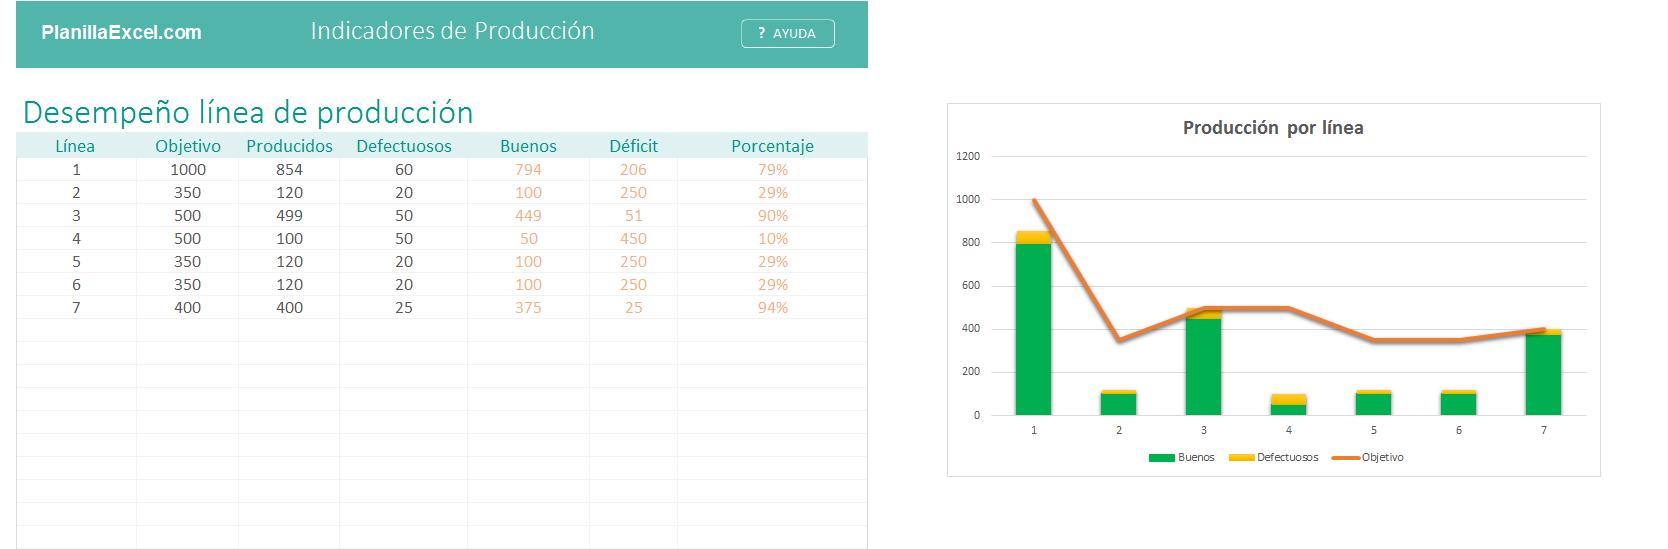 Planilla de Excel de Indicadores de Producción - PlanillaExcel.com